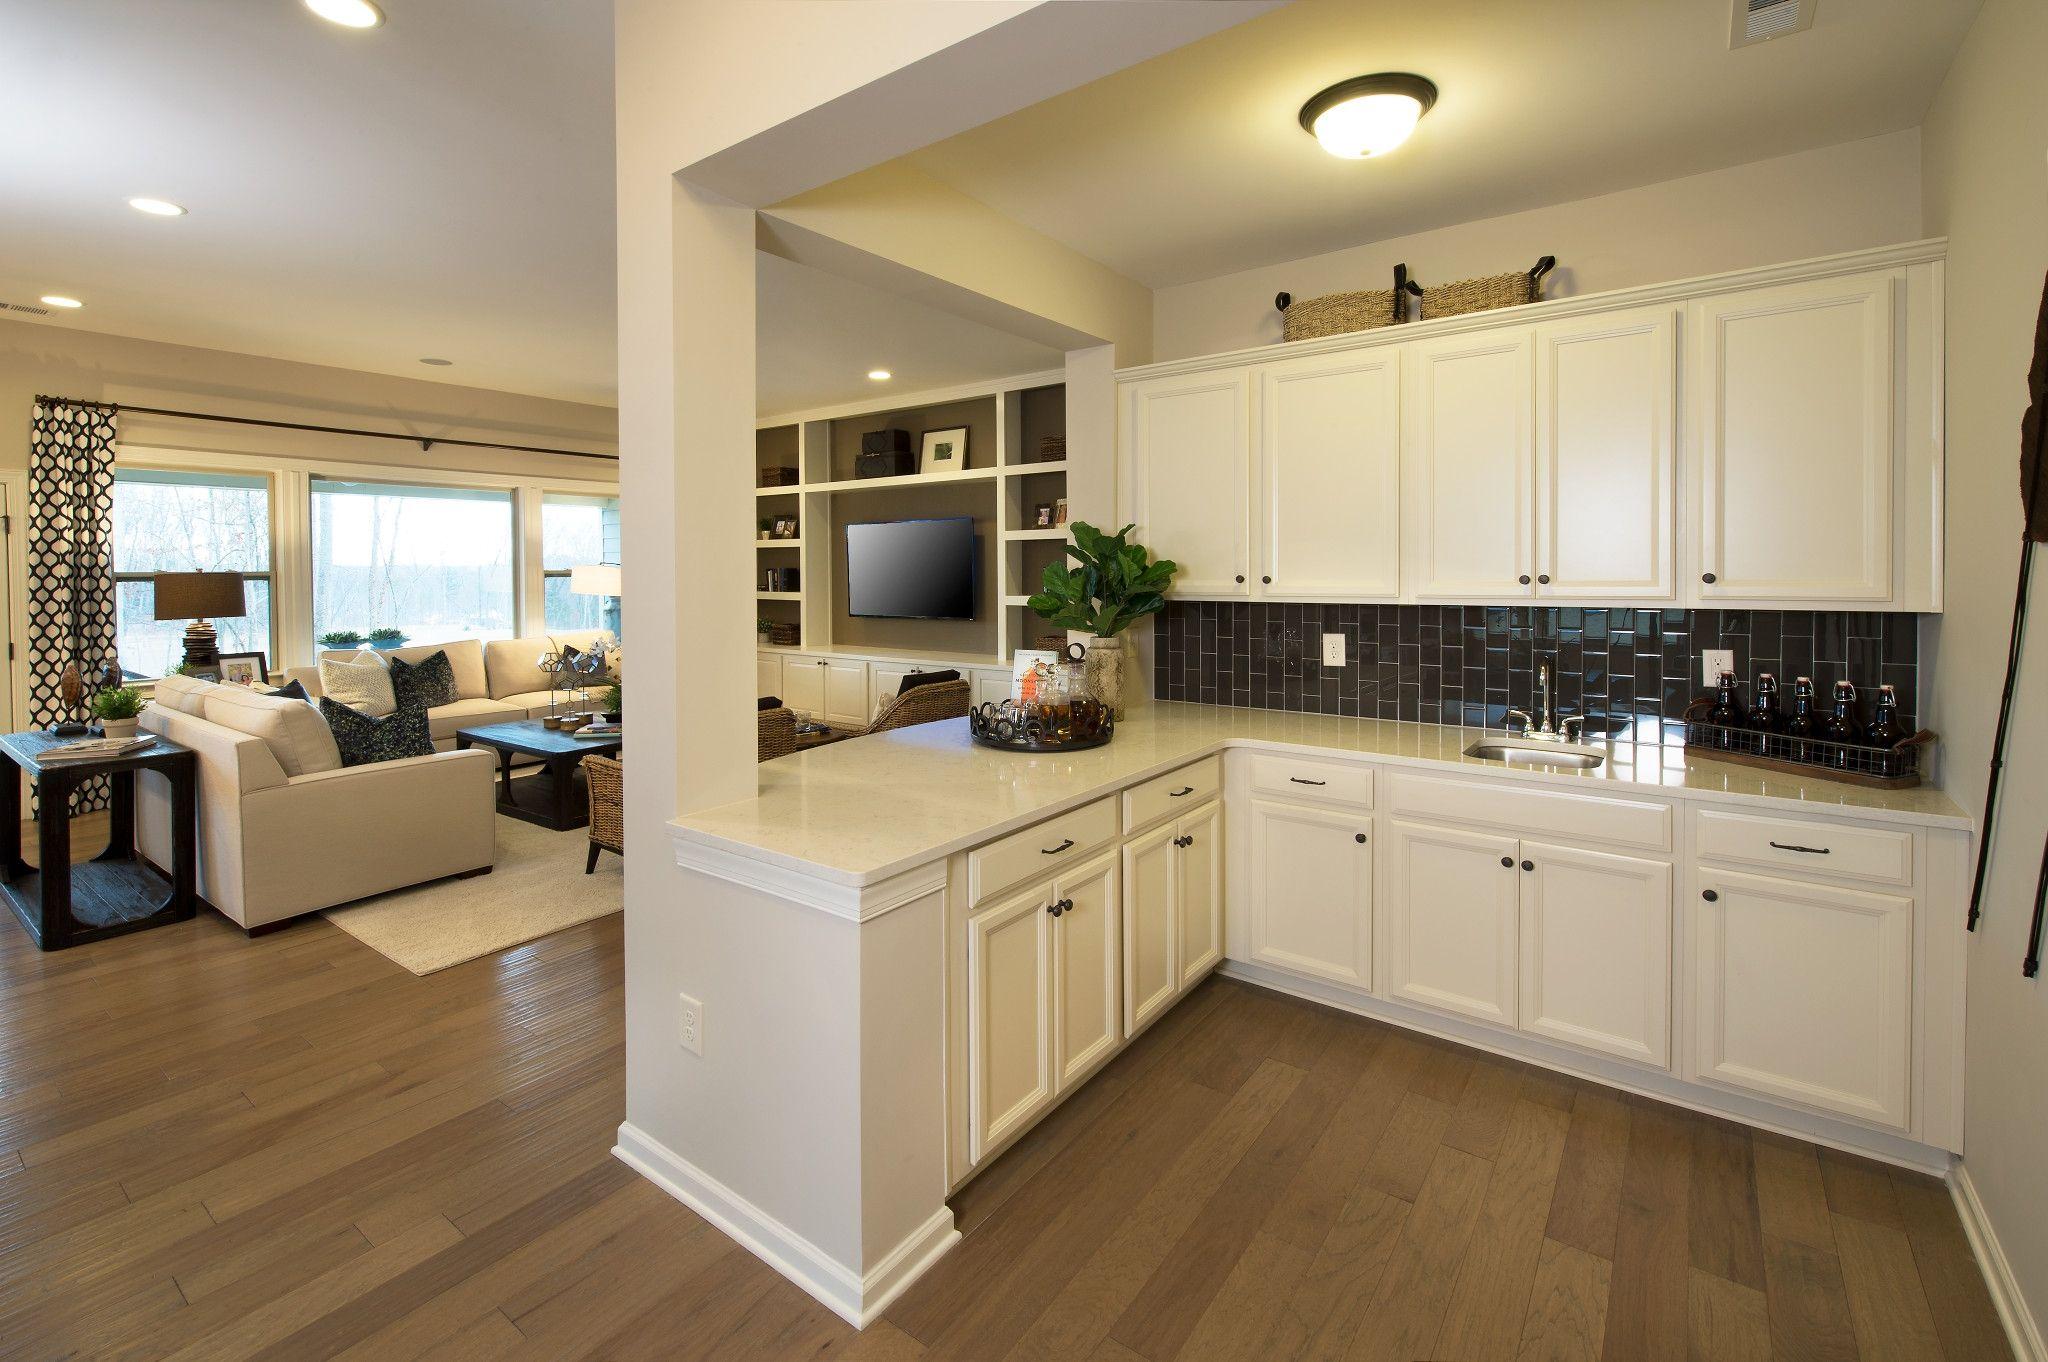 Kitchen-in-Everett-at-Sagewood-in-Matthews